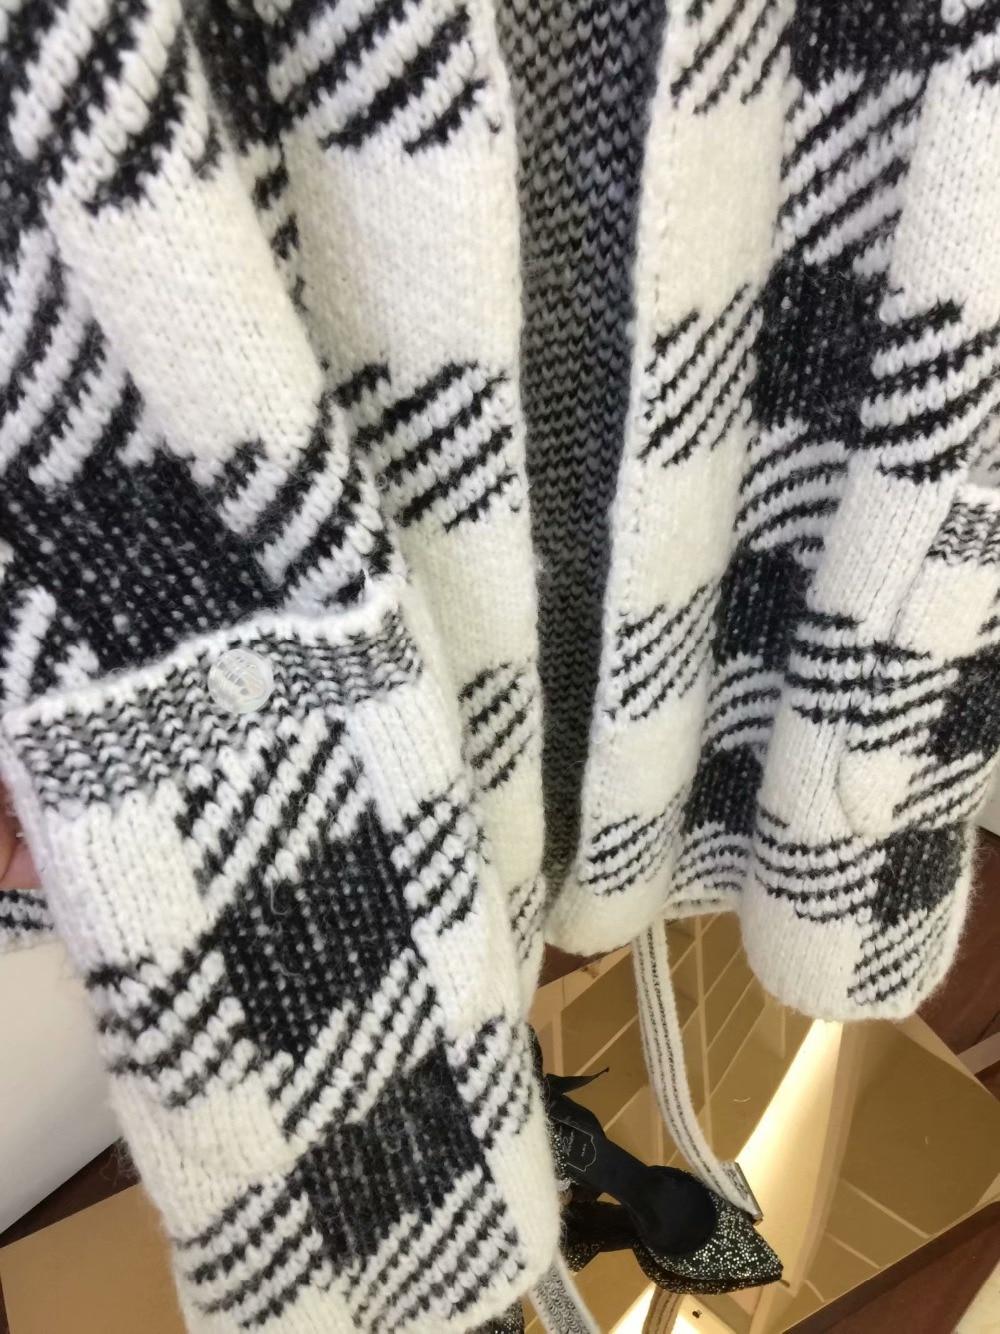 Carreaux Bureau Écharpes V Dame Kleding Noir 9 Tricot Pull Noeud Longue Blanc 28 Double Cardigan Mi Femmes À Noué Poches Col x1qwxYp5